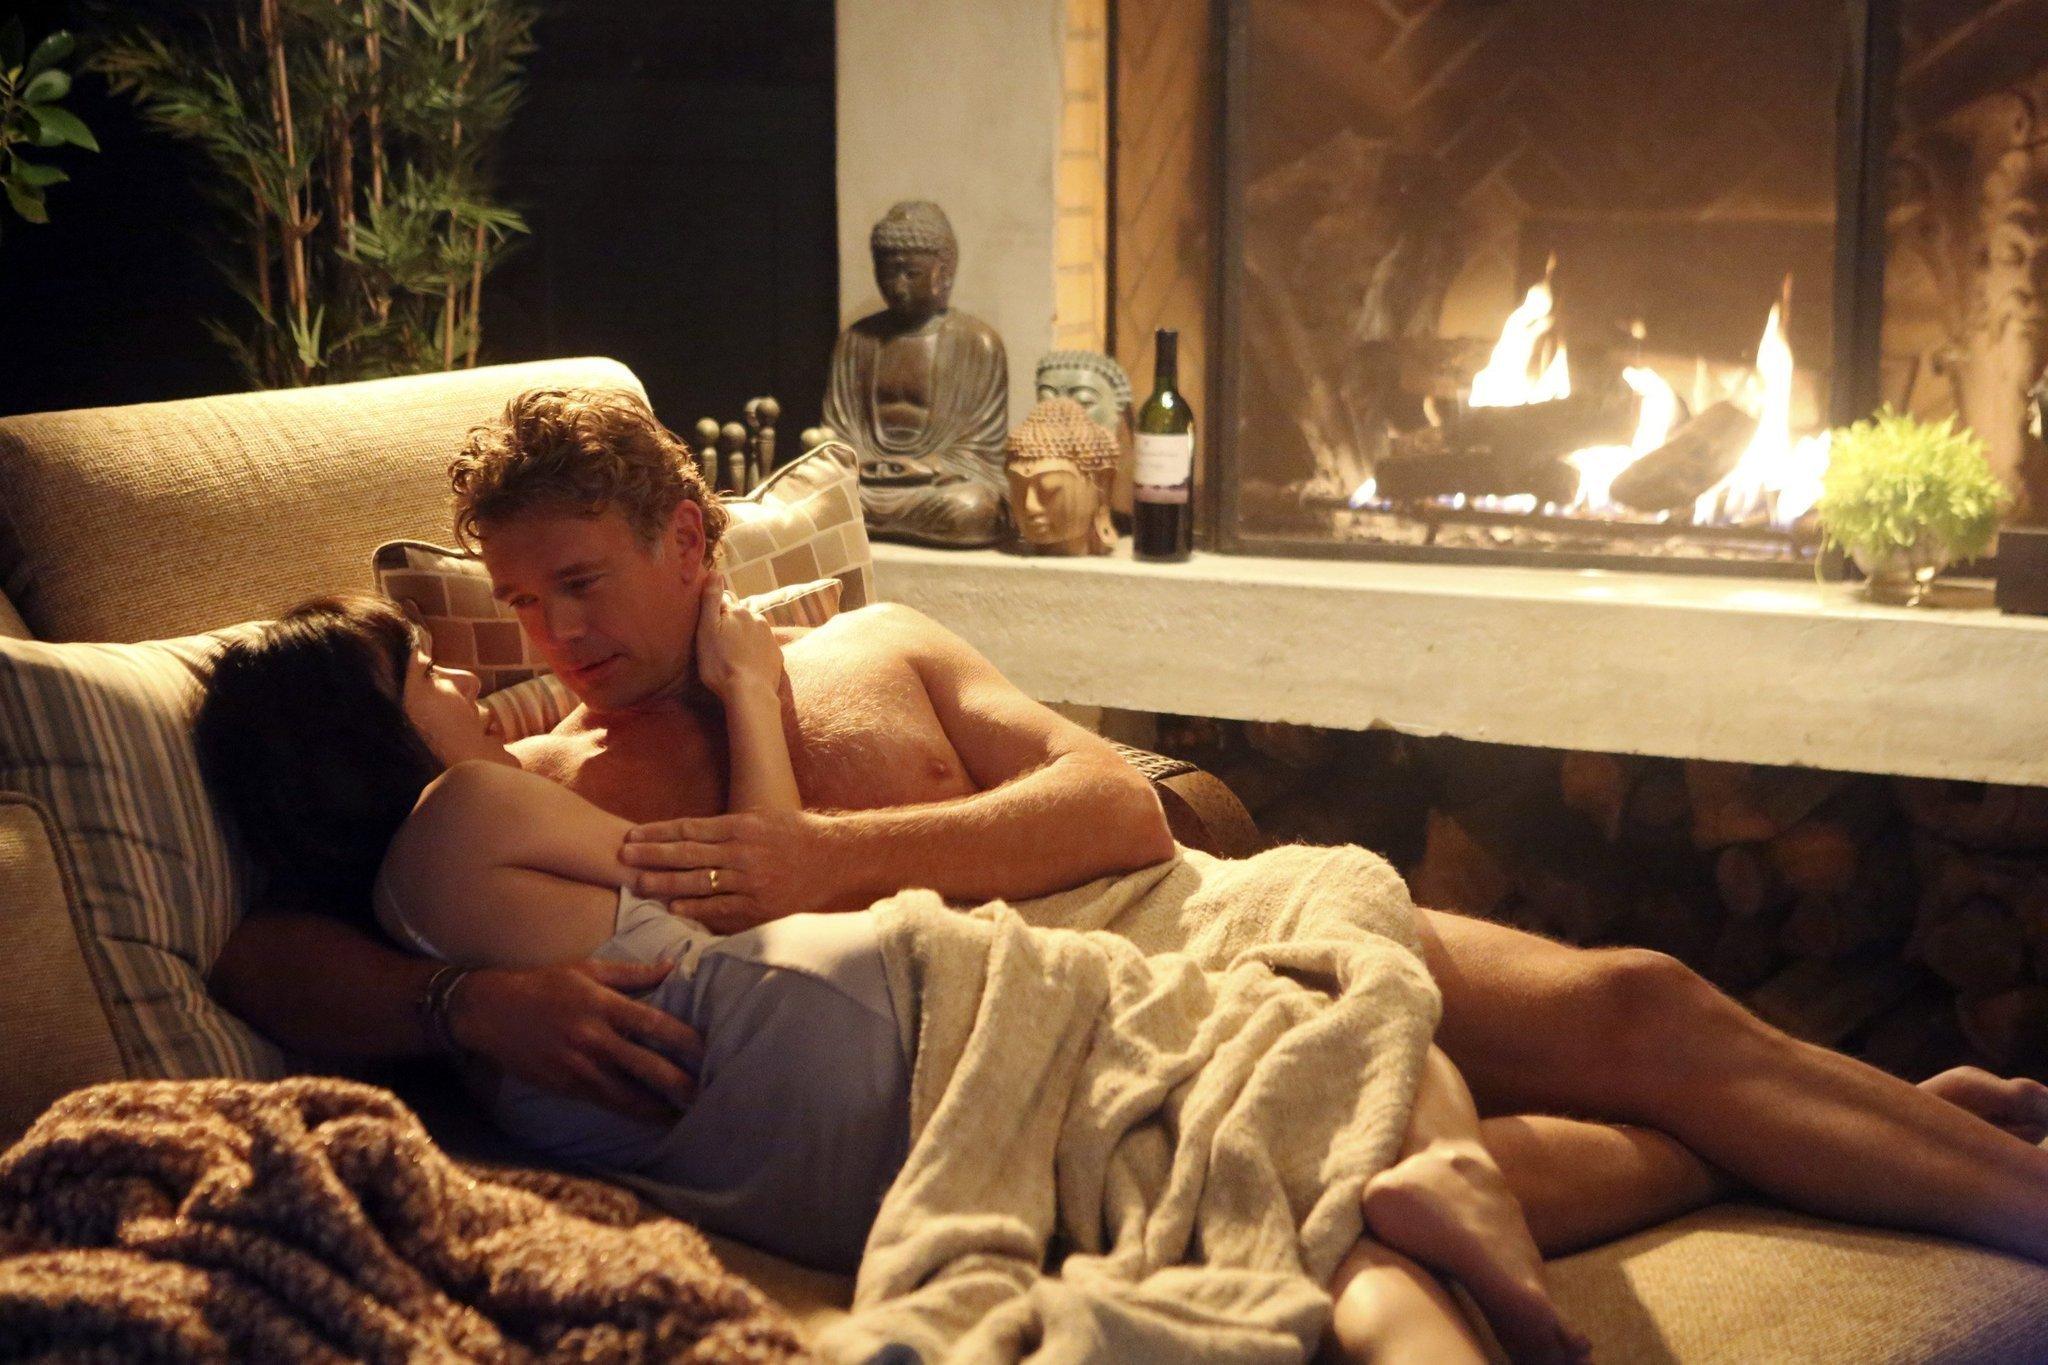 Фото любовницы смотреть бесплатно, Любовница Русское домашнее ню фото 1 фотография